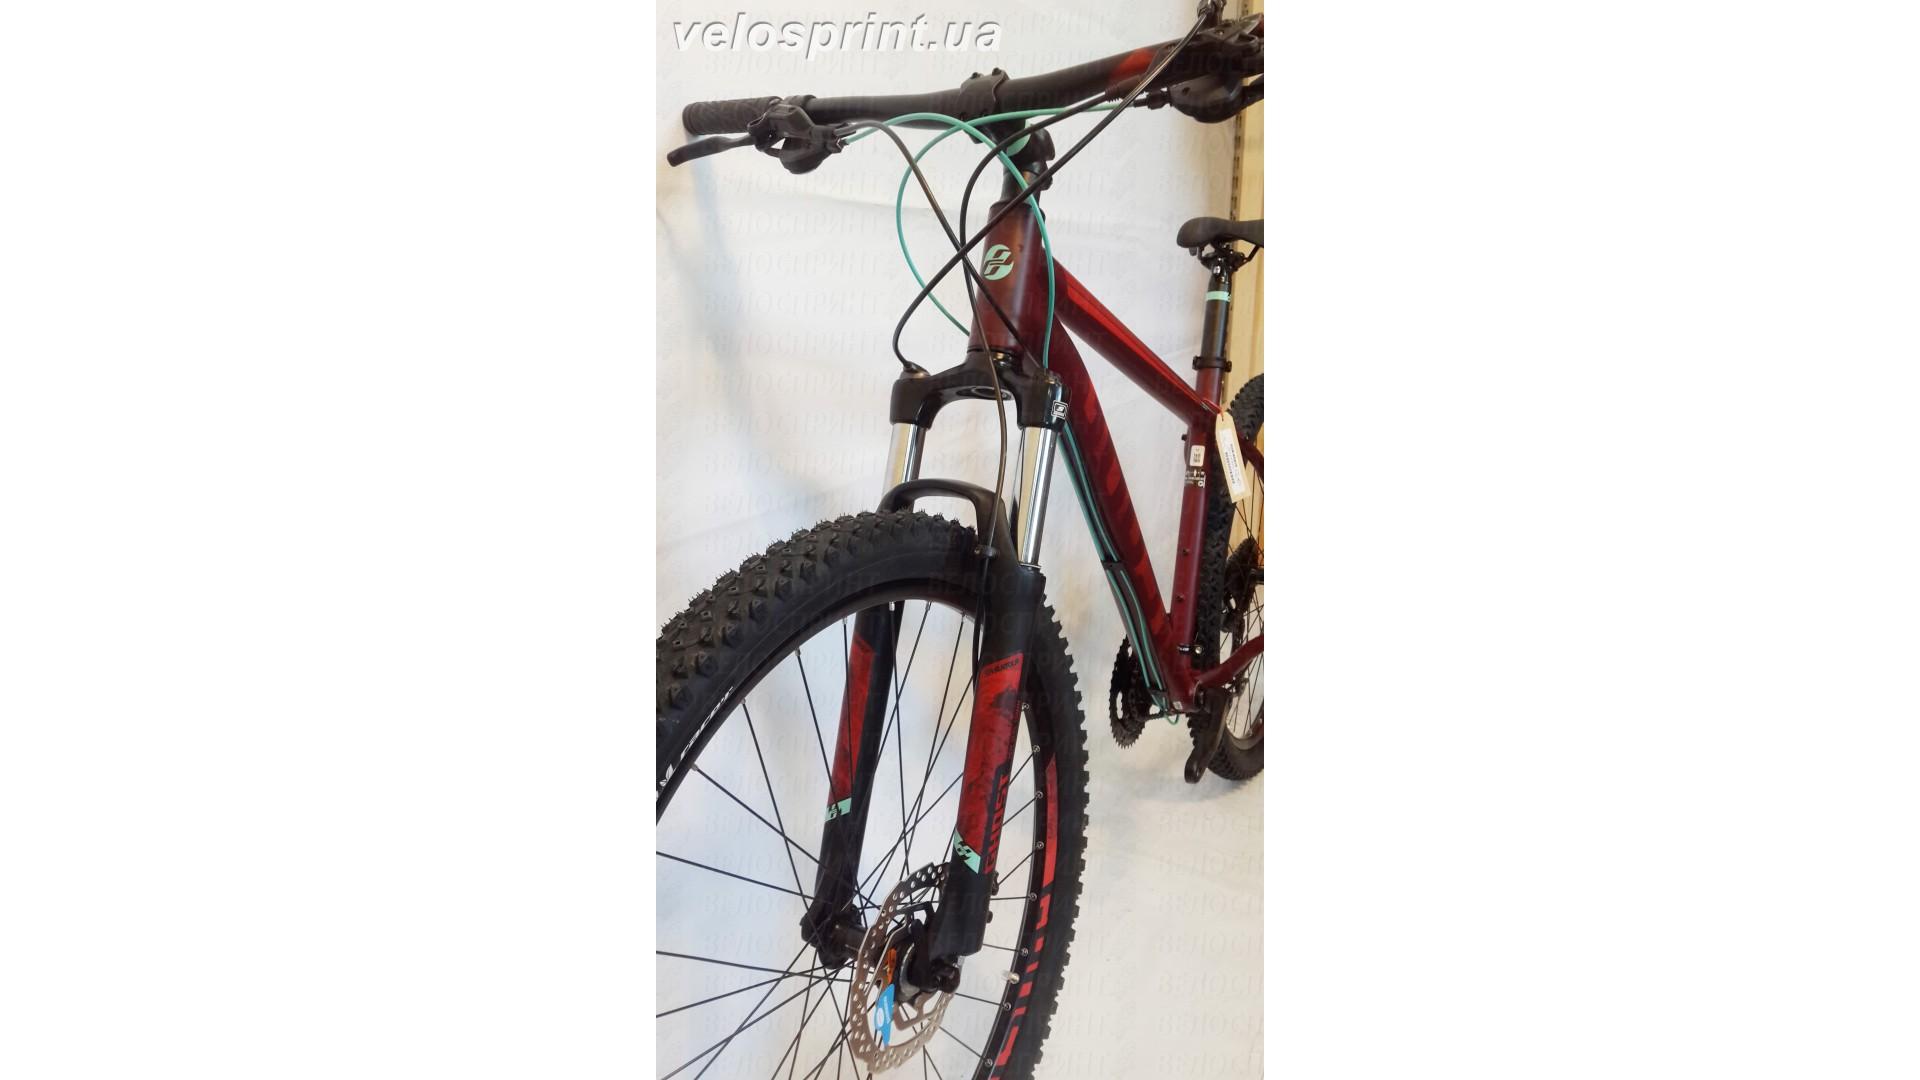 Велосипед GHOST Kato 3 AL 29 marsalared/cranberryred/jadeblue вилка год 2017